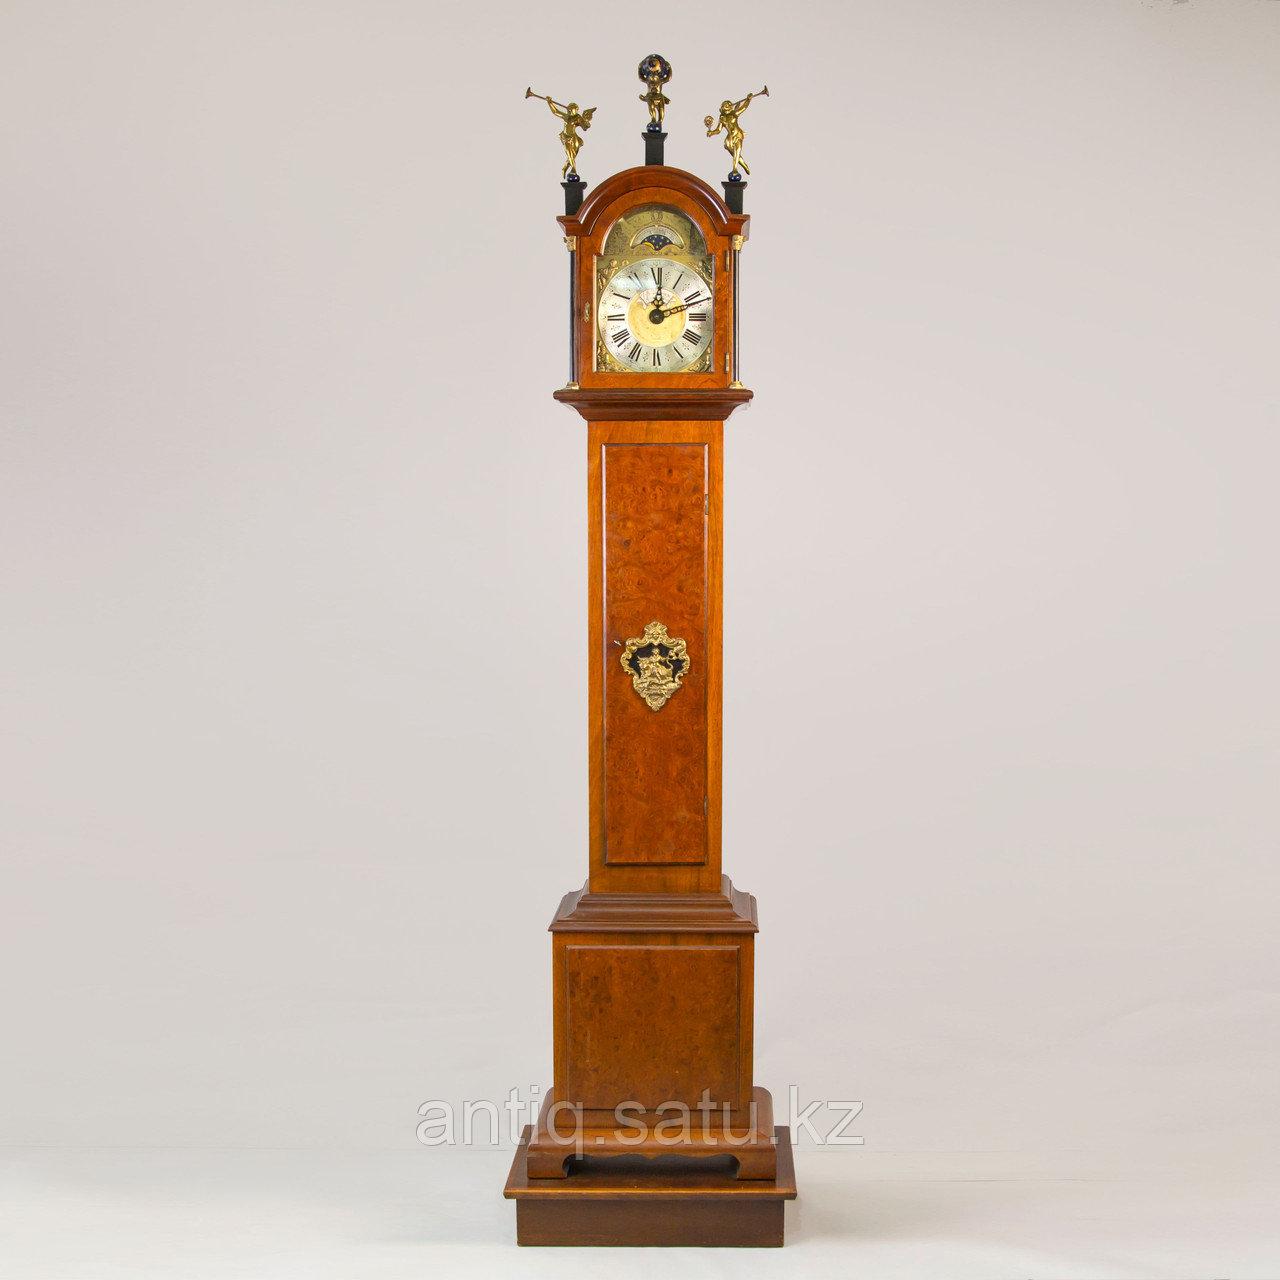 Напольные часы с лунным календарем. Голландия - фото 1